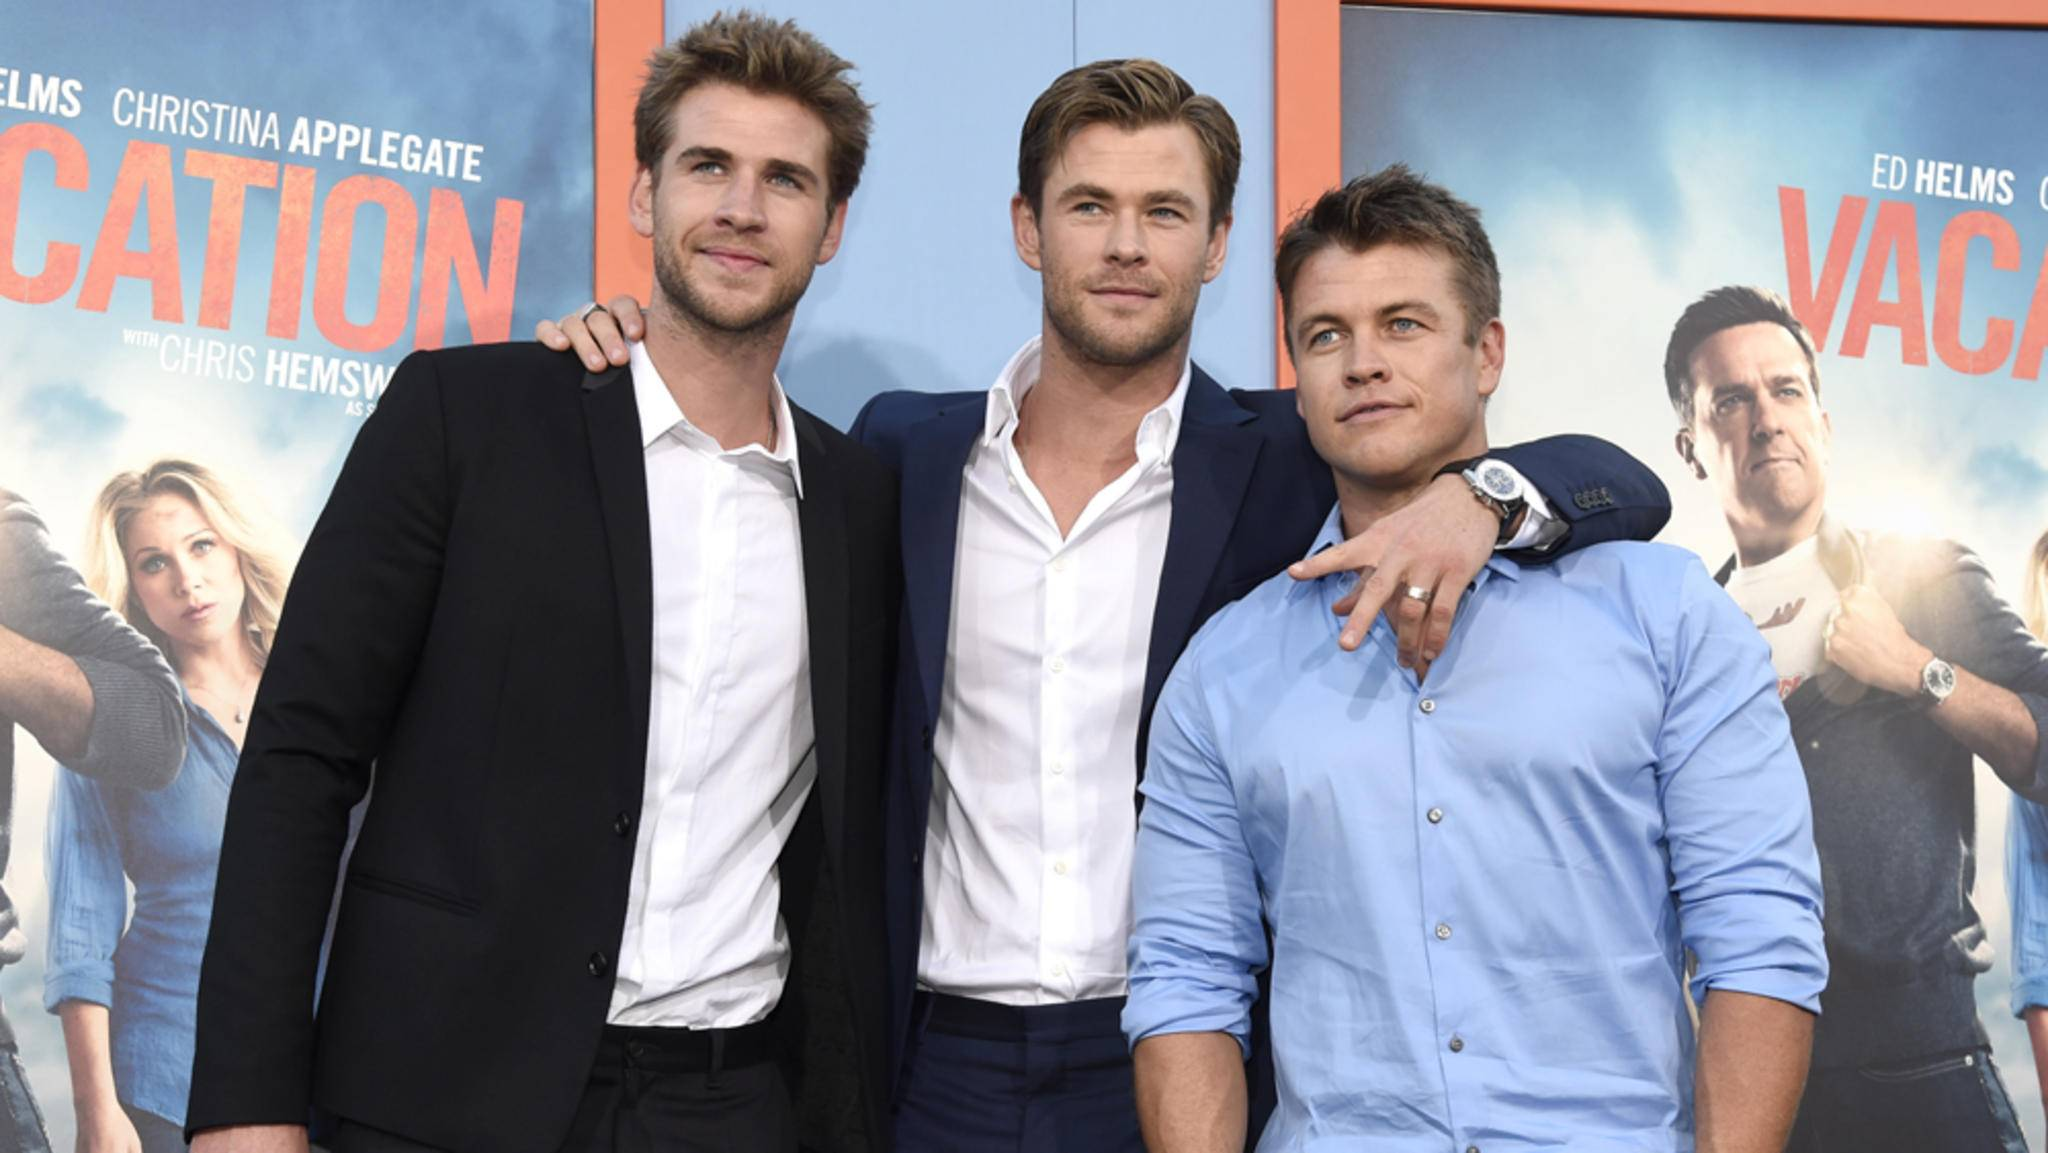 Die drei Hemsworth-Brüder sind nur ein Beispiel für erfolgreiche Geschwister-Gespanne in Hollywood.